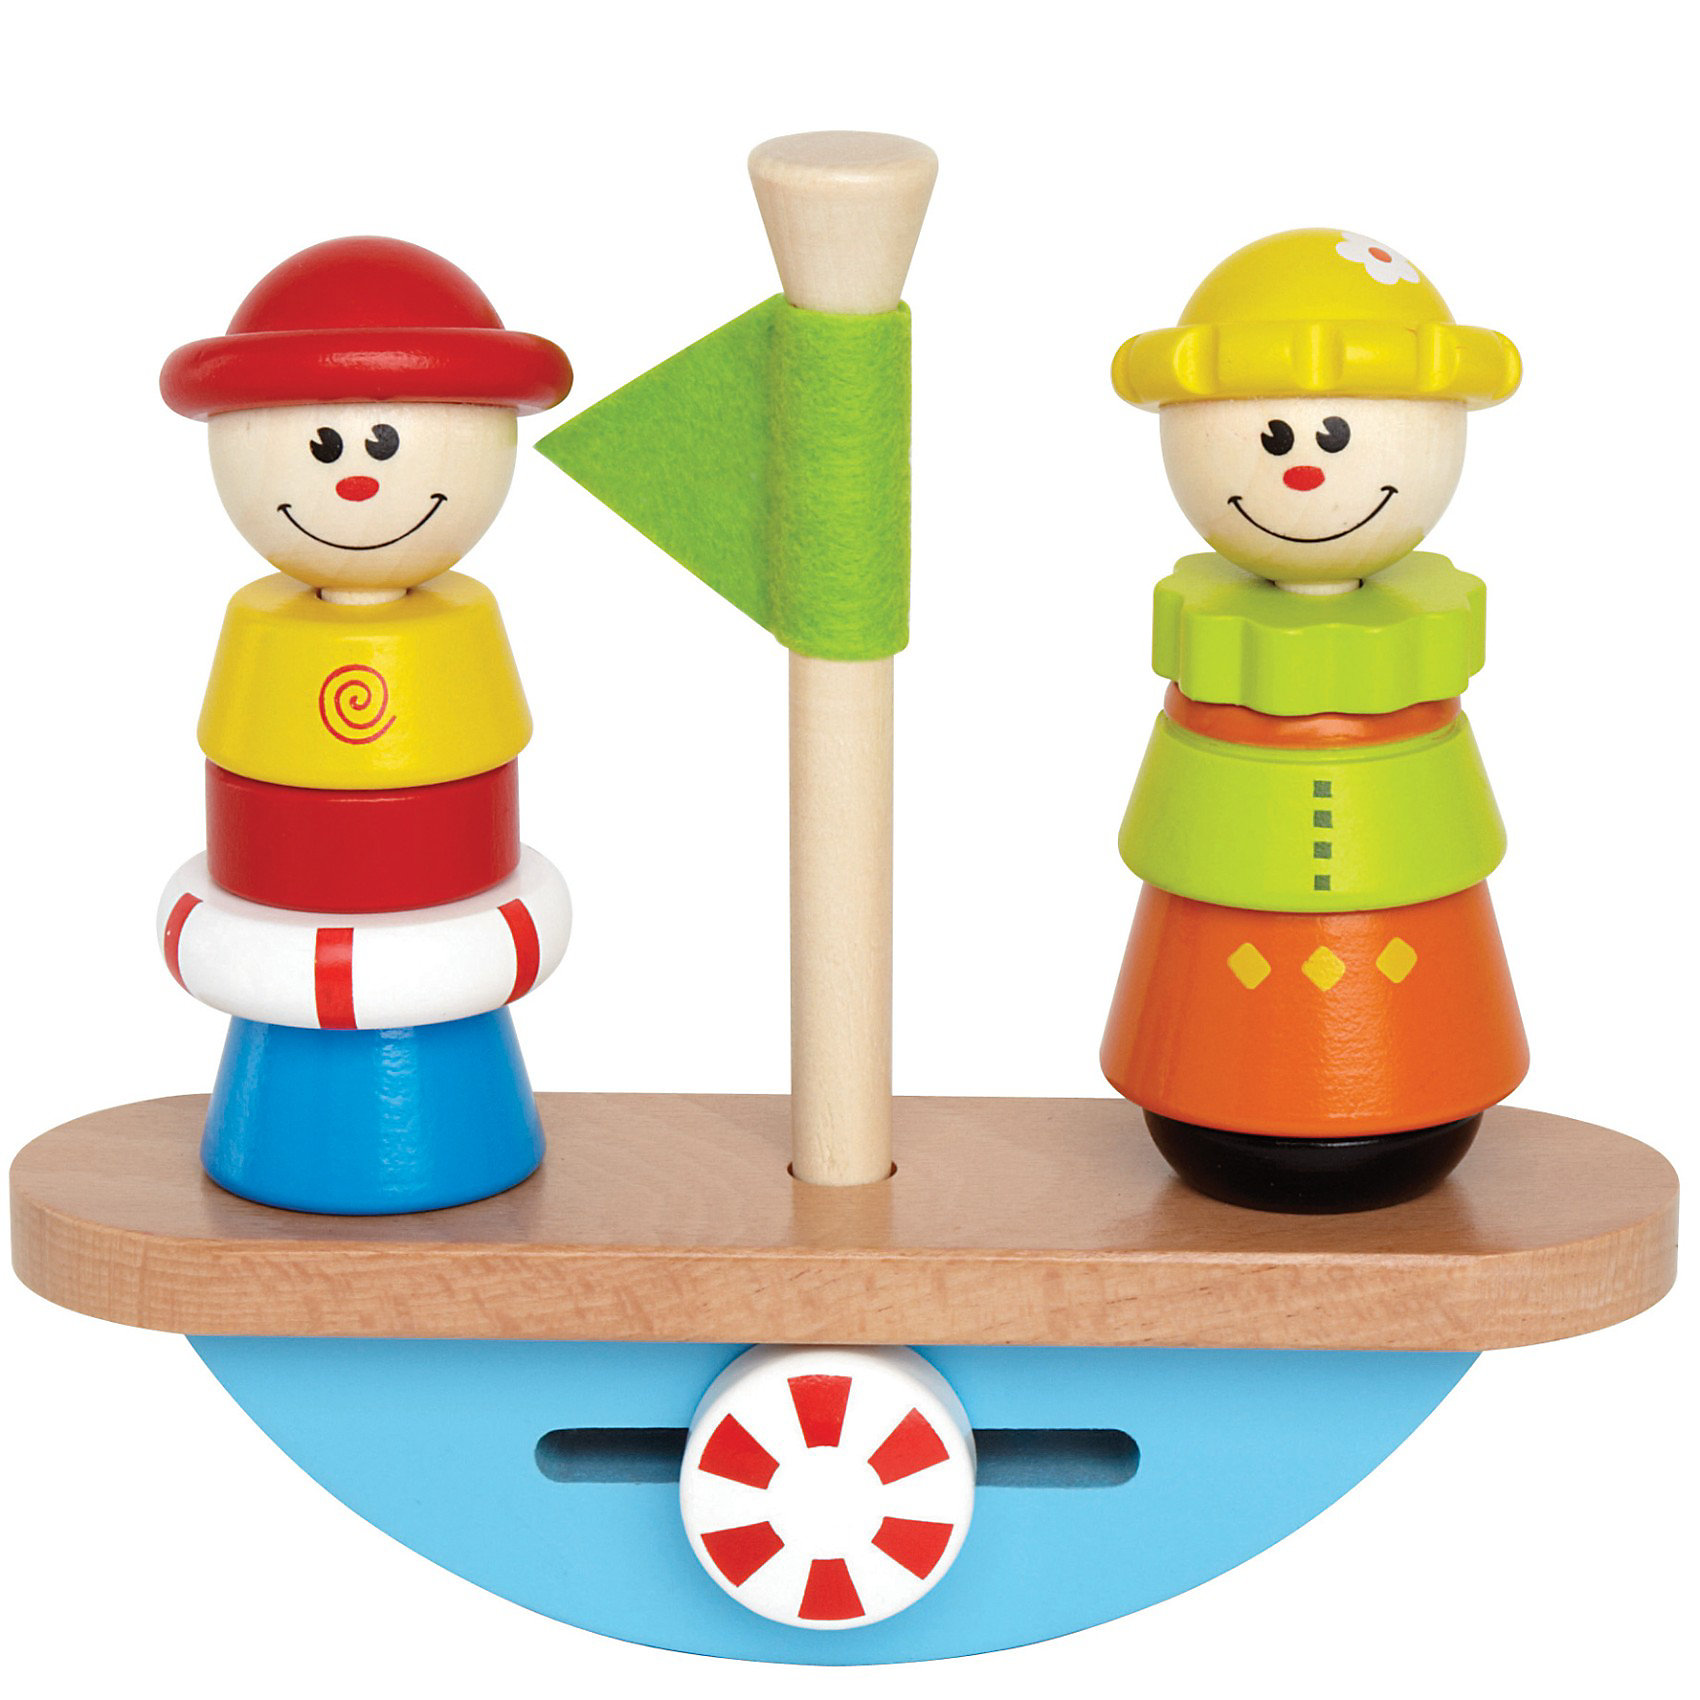 Игрушка деревянная Кораблик, HapeИгрушка деревянная Кораблик, Hape - обязательно понравится малышу!<br>По обе стороны кораблика расположены человечки-пирамидки, собирать и разбирать их нужно постепенно, т.к. кораблик  может потерять равновесие и упасть. <br>Игрушка  развивает когнитивные навыки, мелкую моторику, концентрацию и координацию движений. В процессе игры ребенок учится распознавать цвета и формы.<br><br>Дополнительная информация:<br><br>- Размер упаковки: 21 х 7 х 24 см<br>- Размер игрушки: 19.5 х 5.5 х 17.8 см<br>- Материал: дерево<br><br>Игрушку деревянную Кораблик, Hape - можно купить в нашем интернет - магазине.<br><br>Ширина мм: 245<br>Глубина мм: 213<br>Высота мм: 75<br>Вес г: 504<br>Возраст от месяцев: 24<br>Возраст до месяцев: 48<br>Пол: Унисекс<br>Возраст: Детский<br>SKU: 2503729